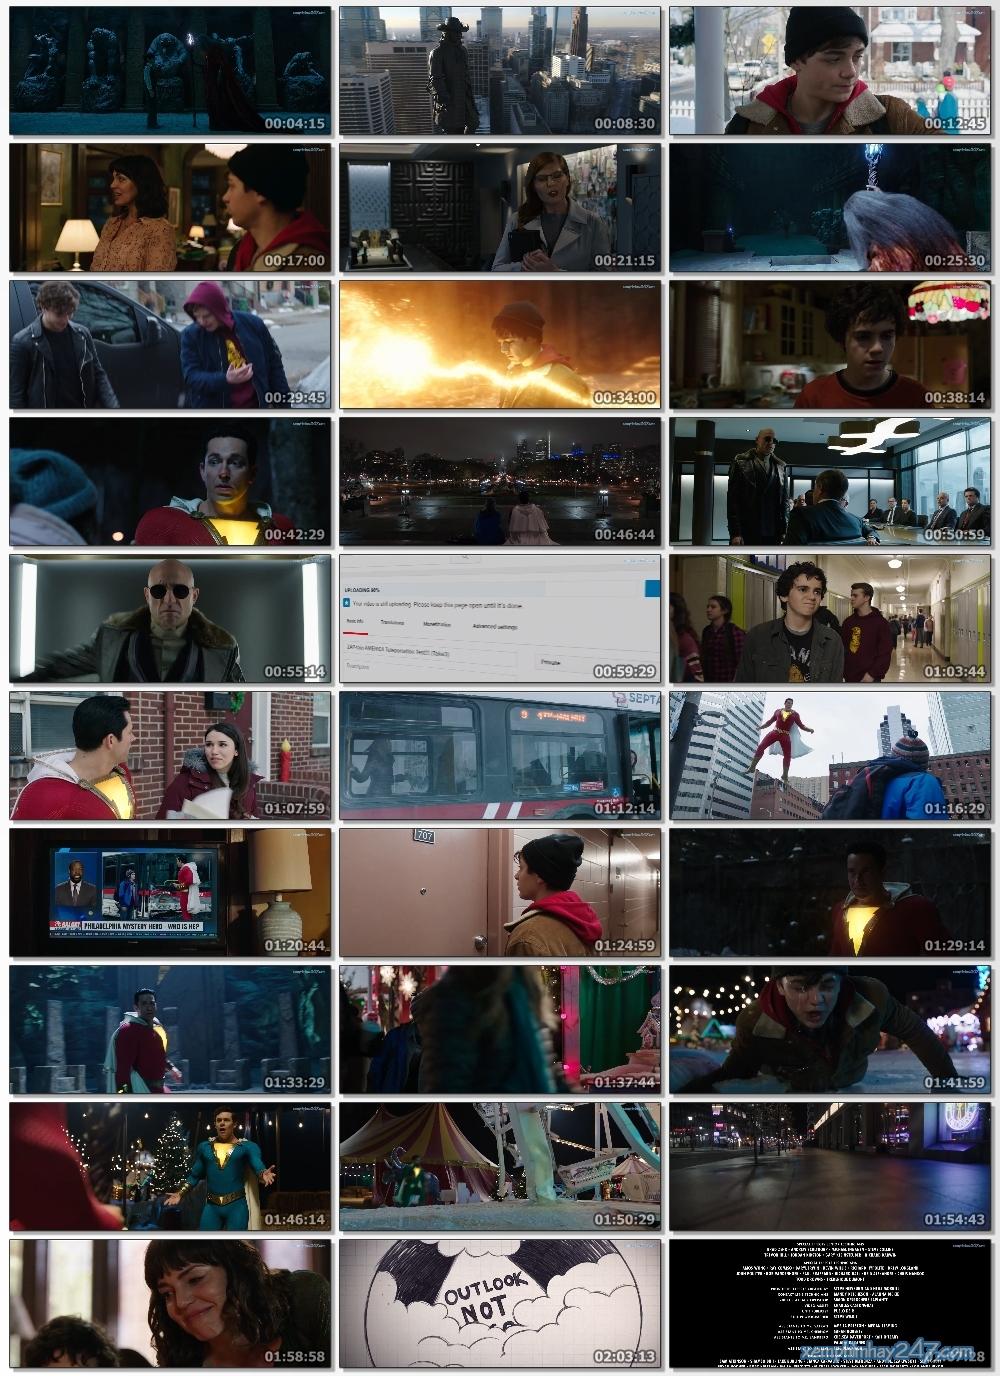 http://xemphimhay247.com - Xem phim hay 247 - Siêu Anh Hùng Shazam (2019) - Shazam! (2019)